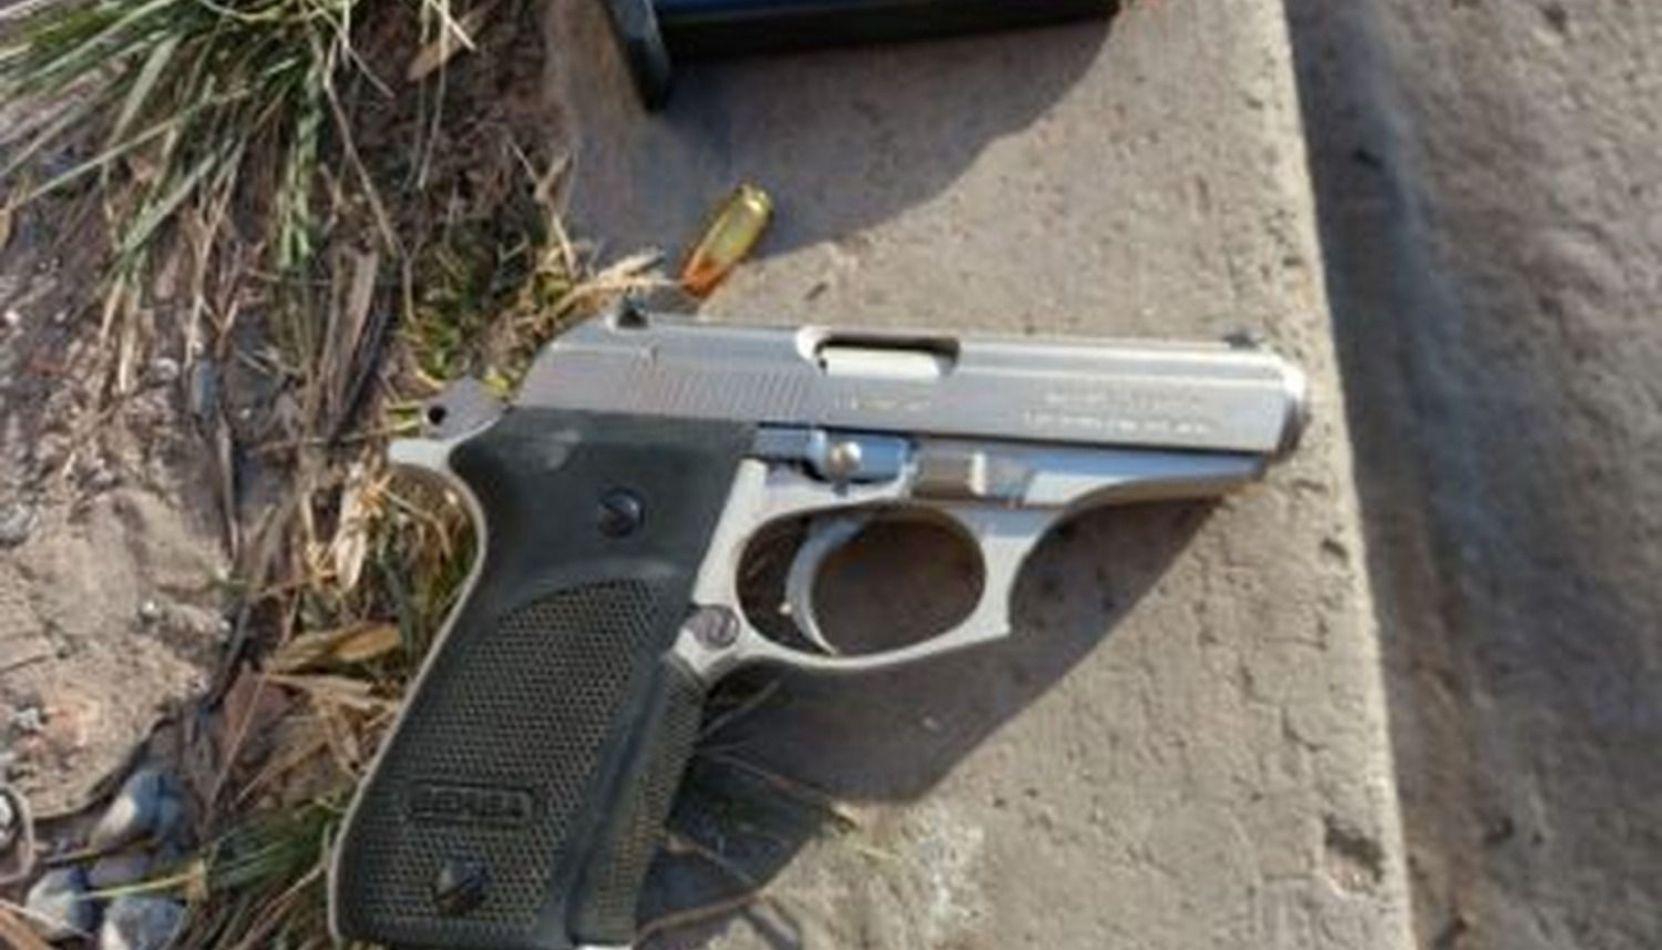 Un hombre disparó contra un kiosco luego de exigir un vuelto que ya le habían entregado